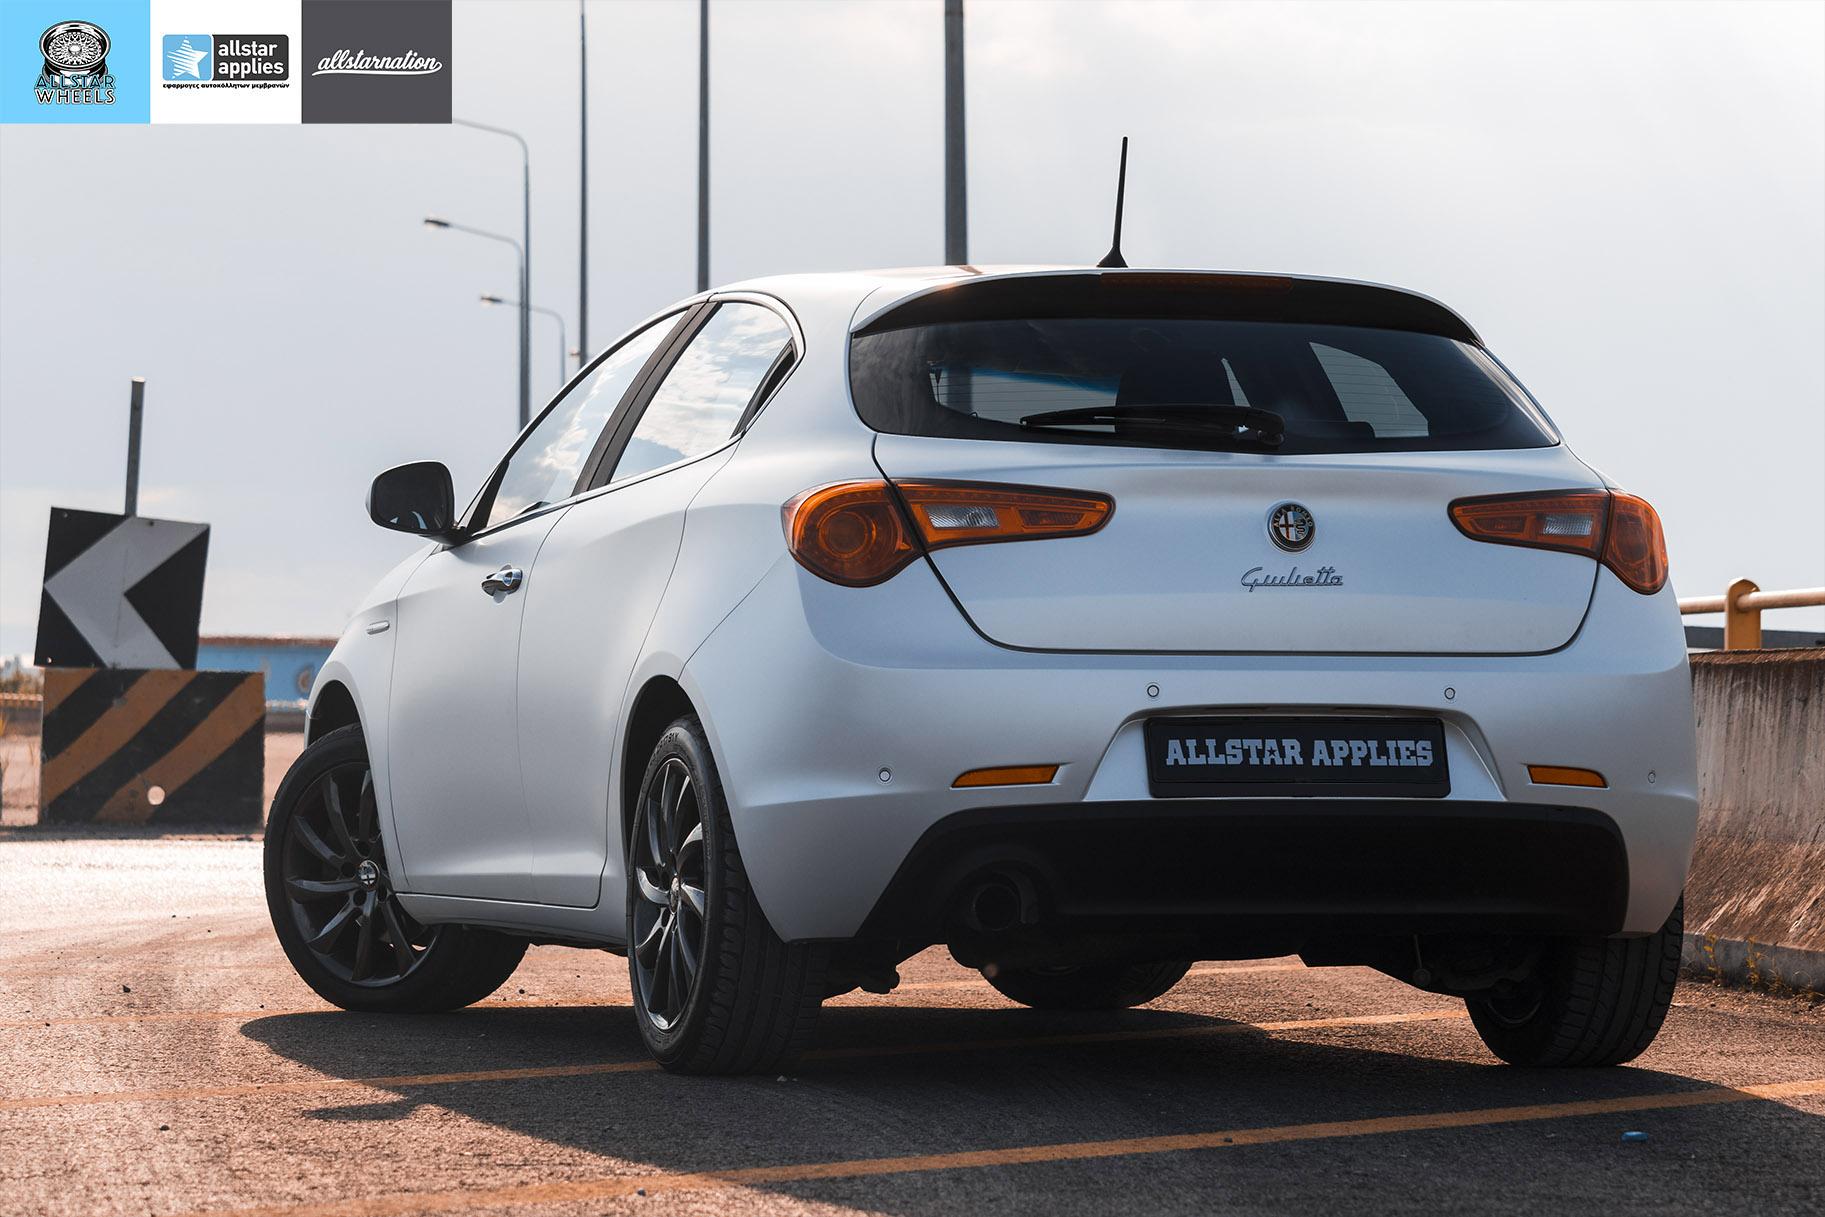 Μεμβράνη Αλλαγής Χρώματος Alfa Romeo Giulietta Matt Diamond White | Allstar Applies στη Θεσσαλονίκη